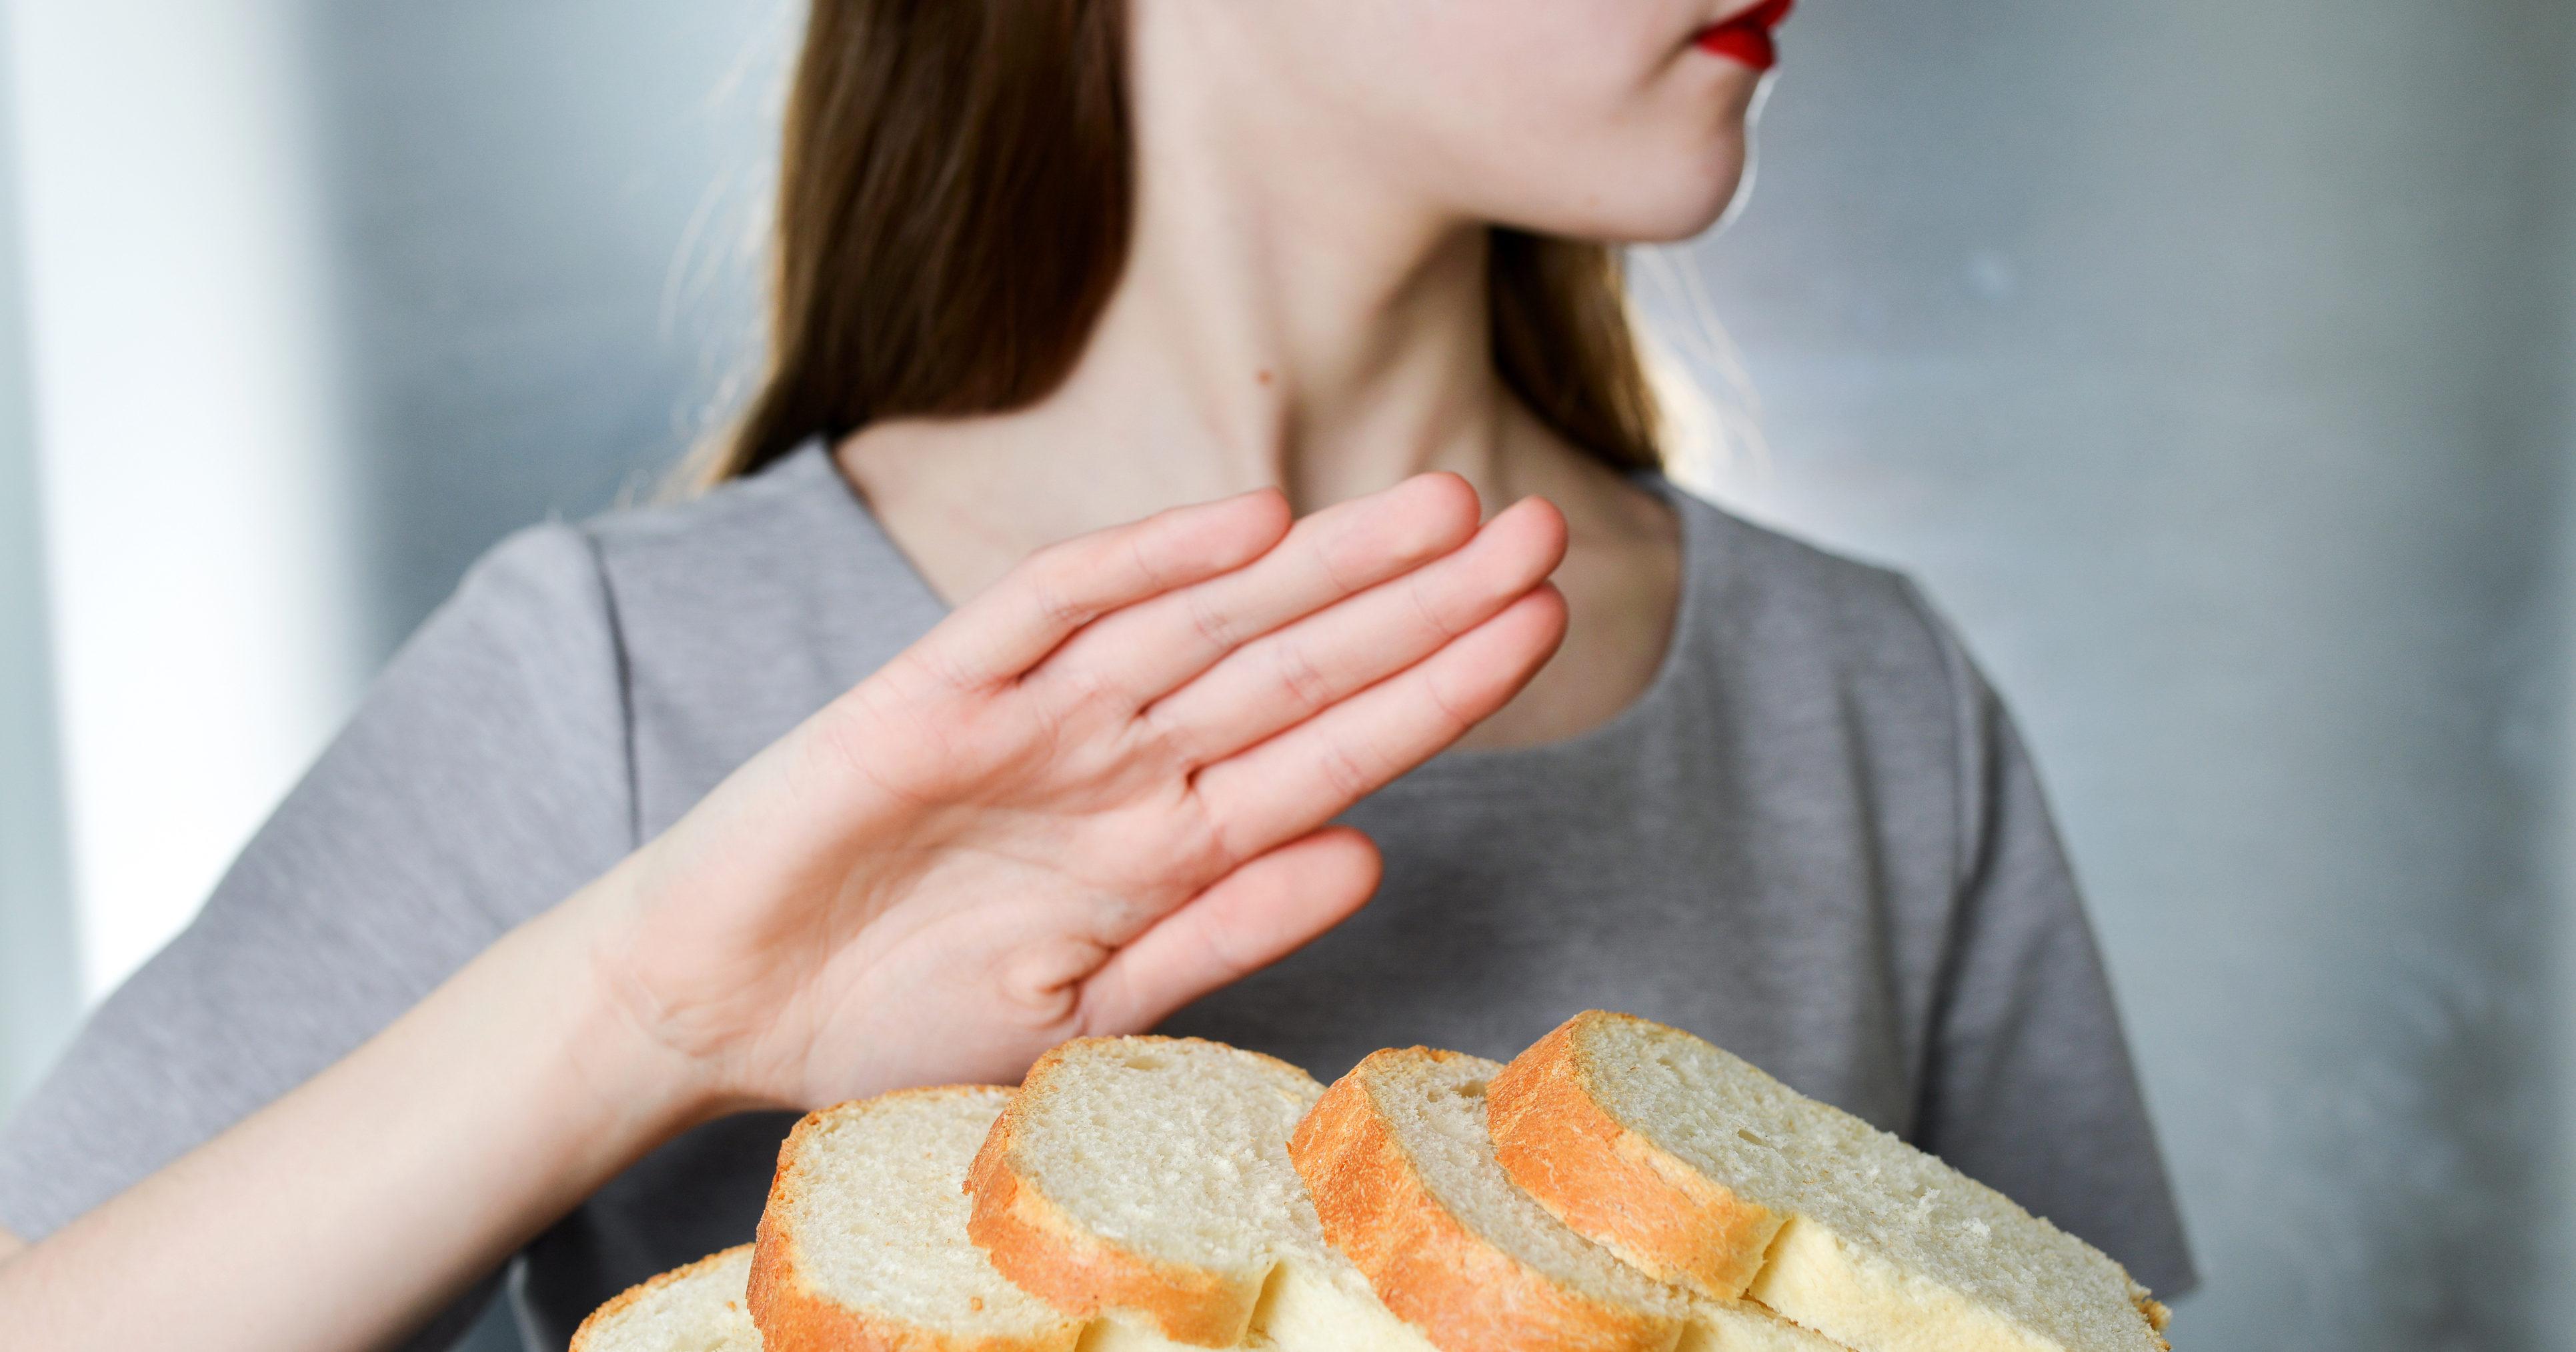 Дослідження показало, що дуже мала кількість вуглеводів в раціоні шкодить здоров'ю